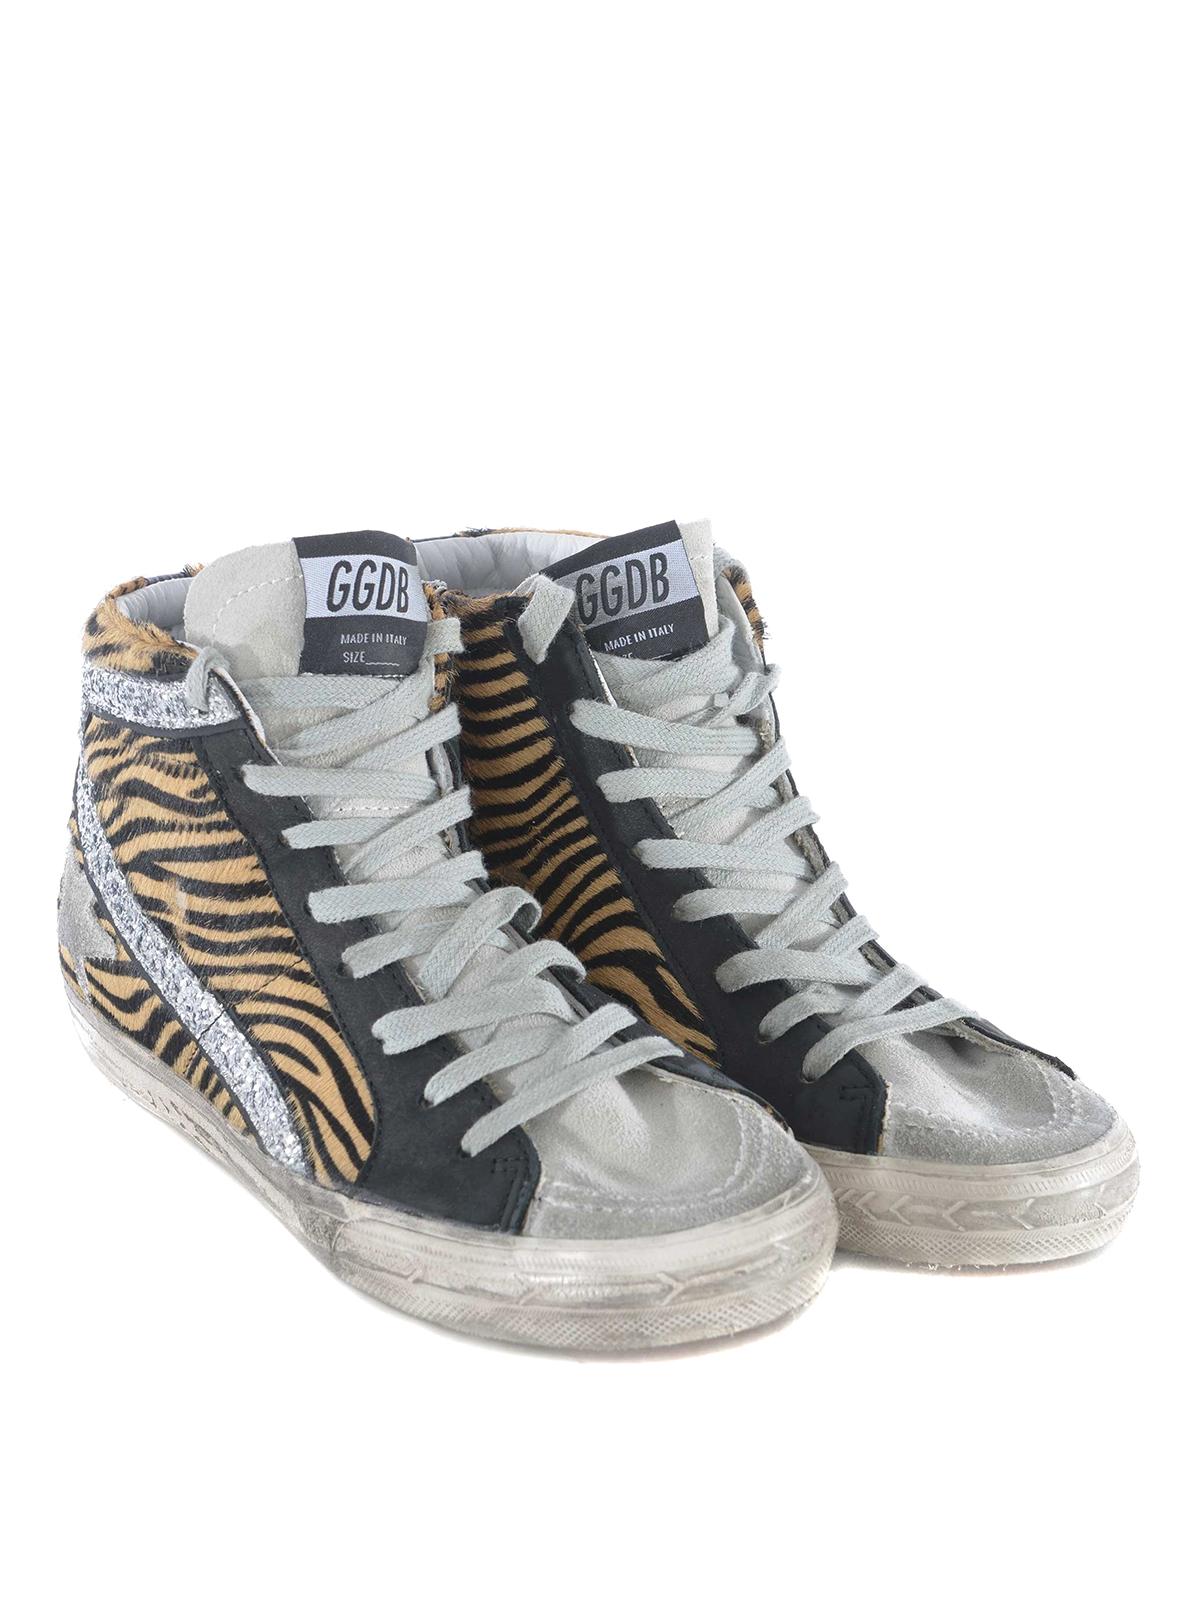 Golden Goose - Slide Zebra print